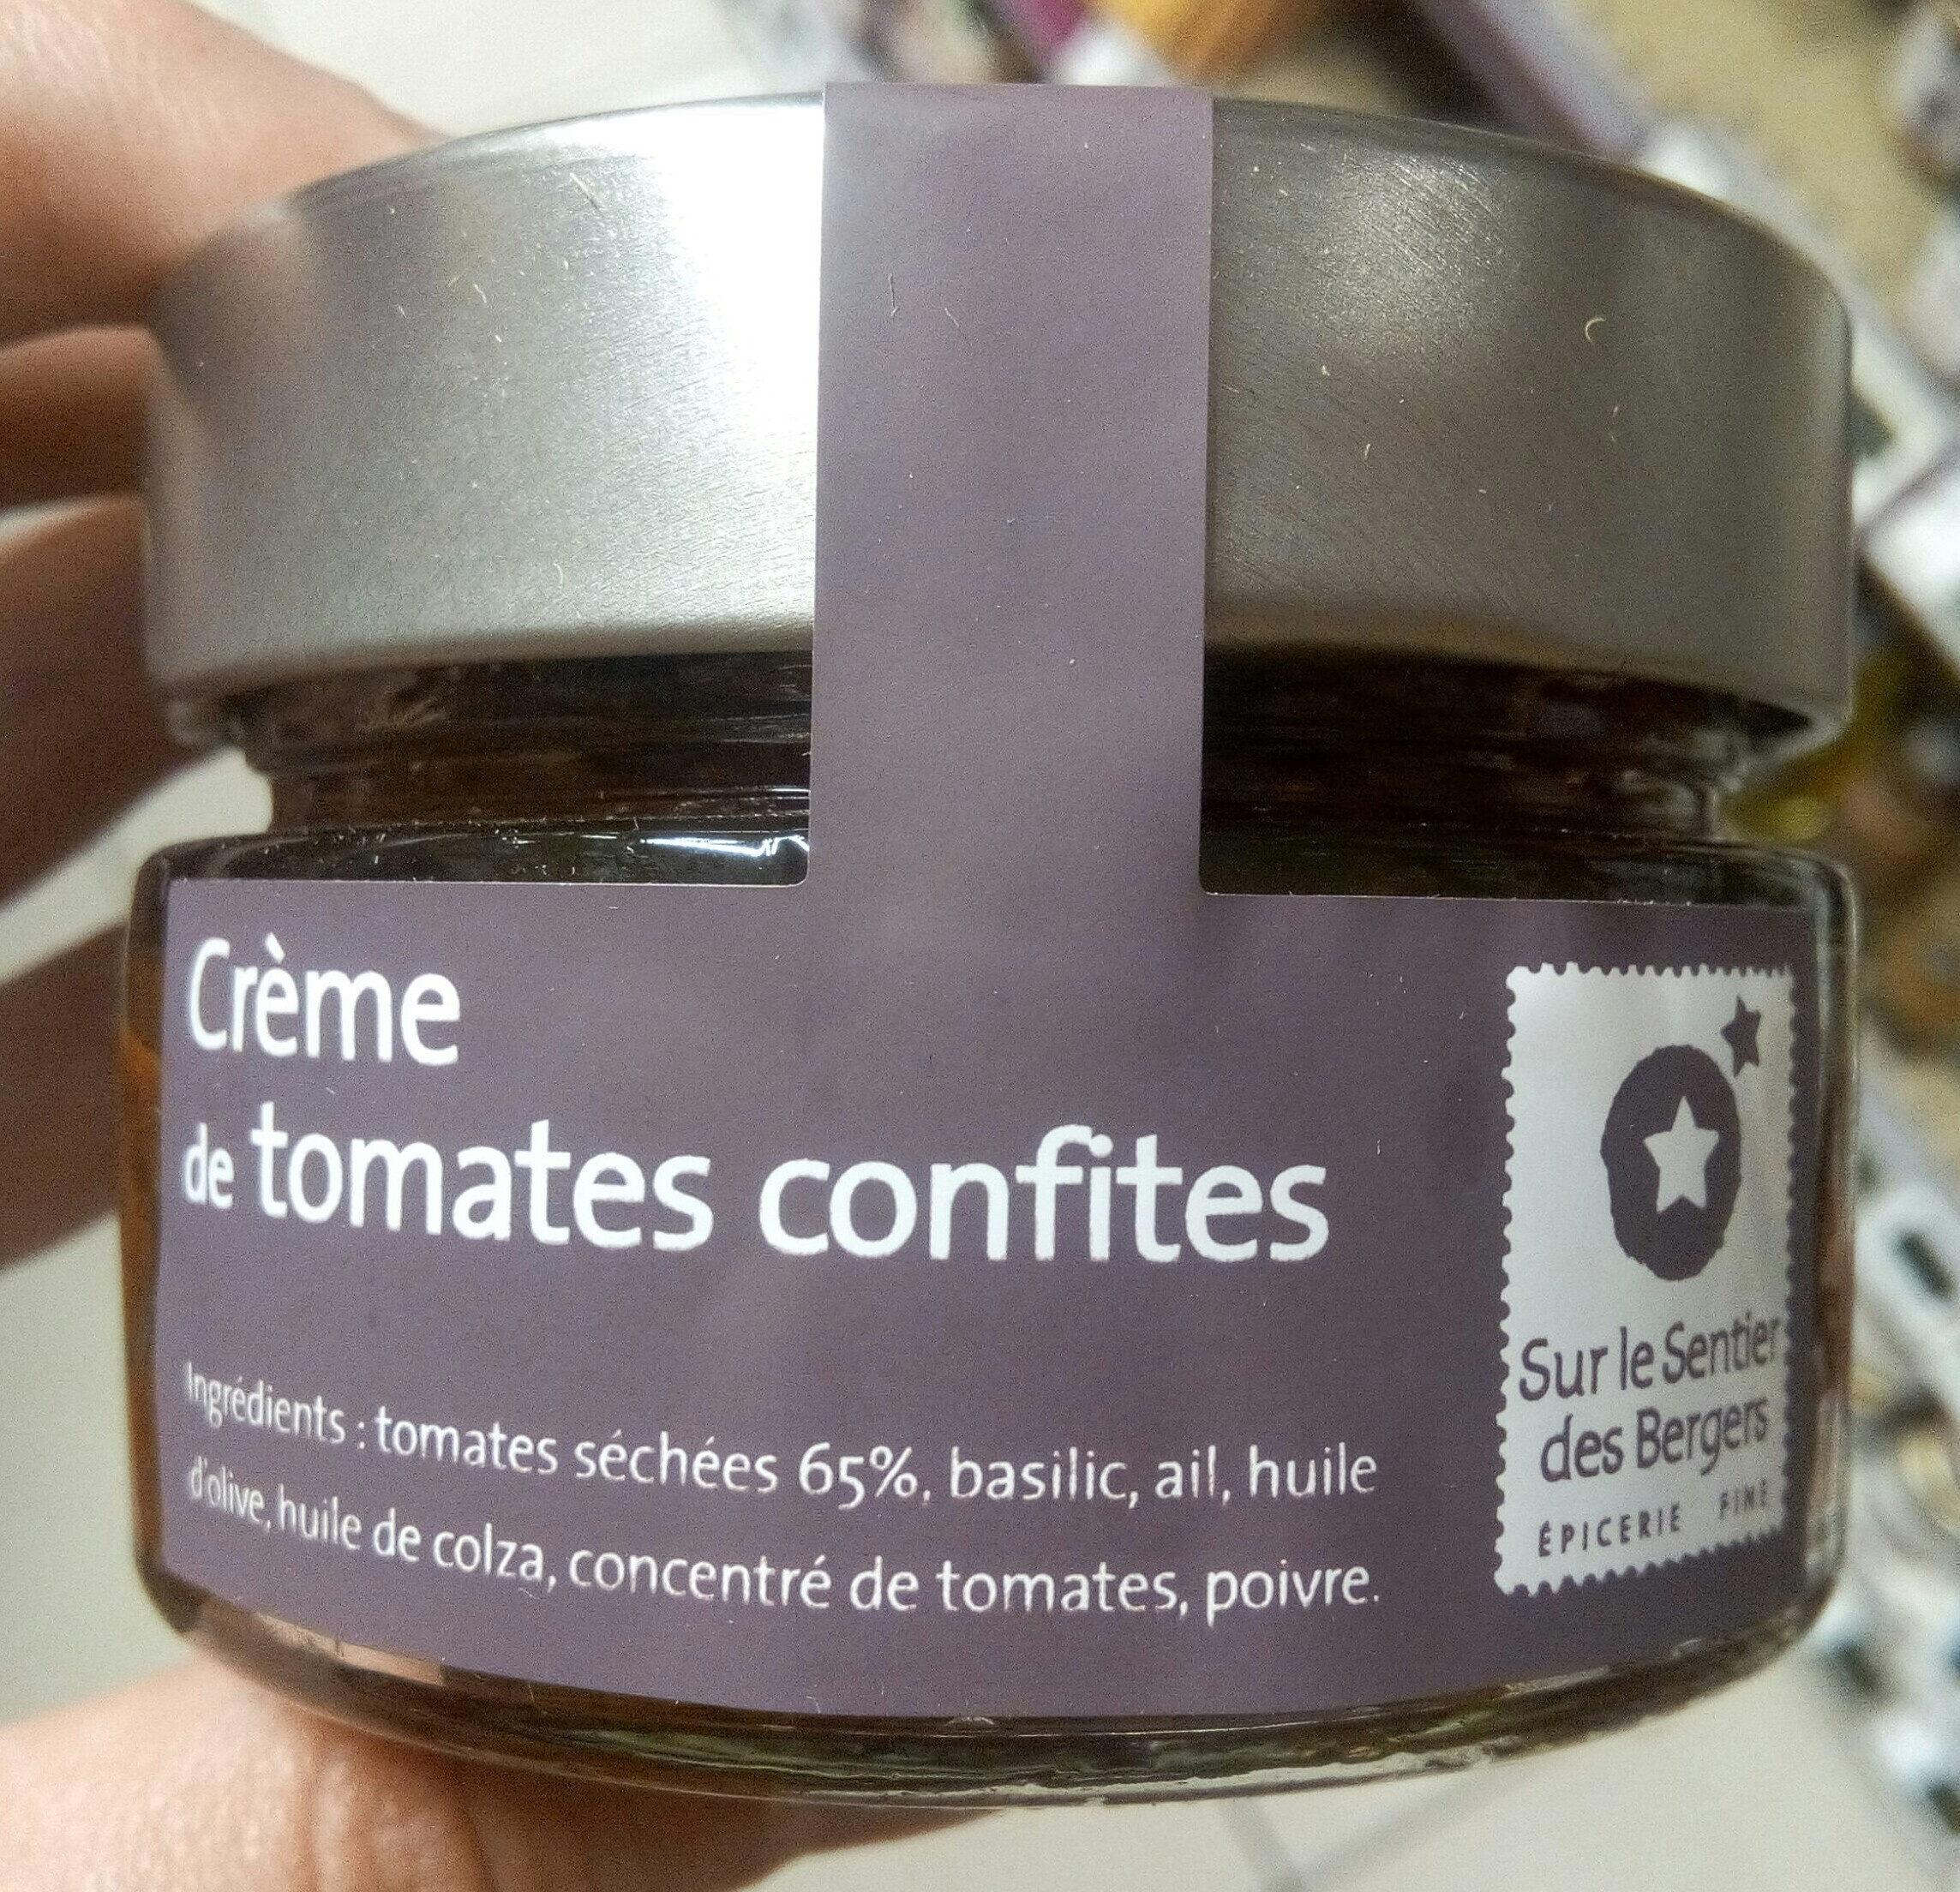 Crème de tomates confites - Product - fr